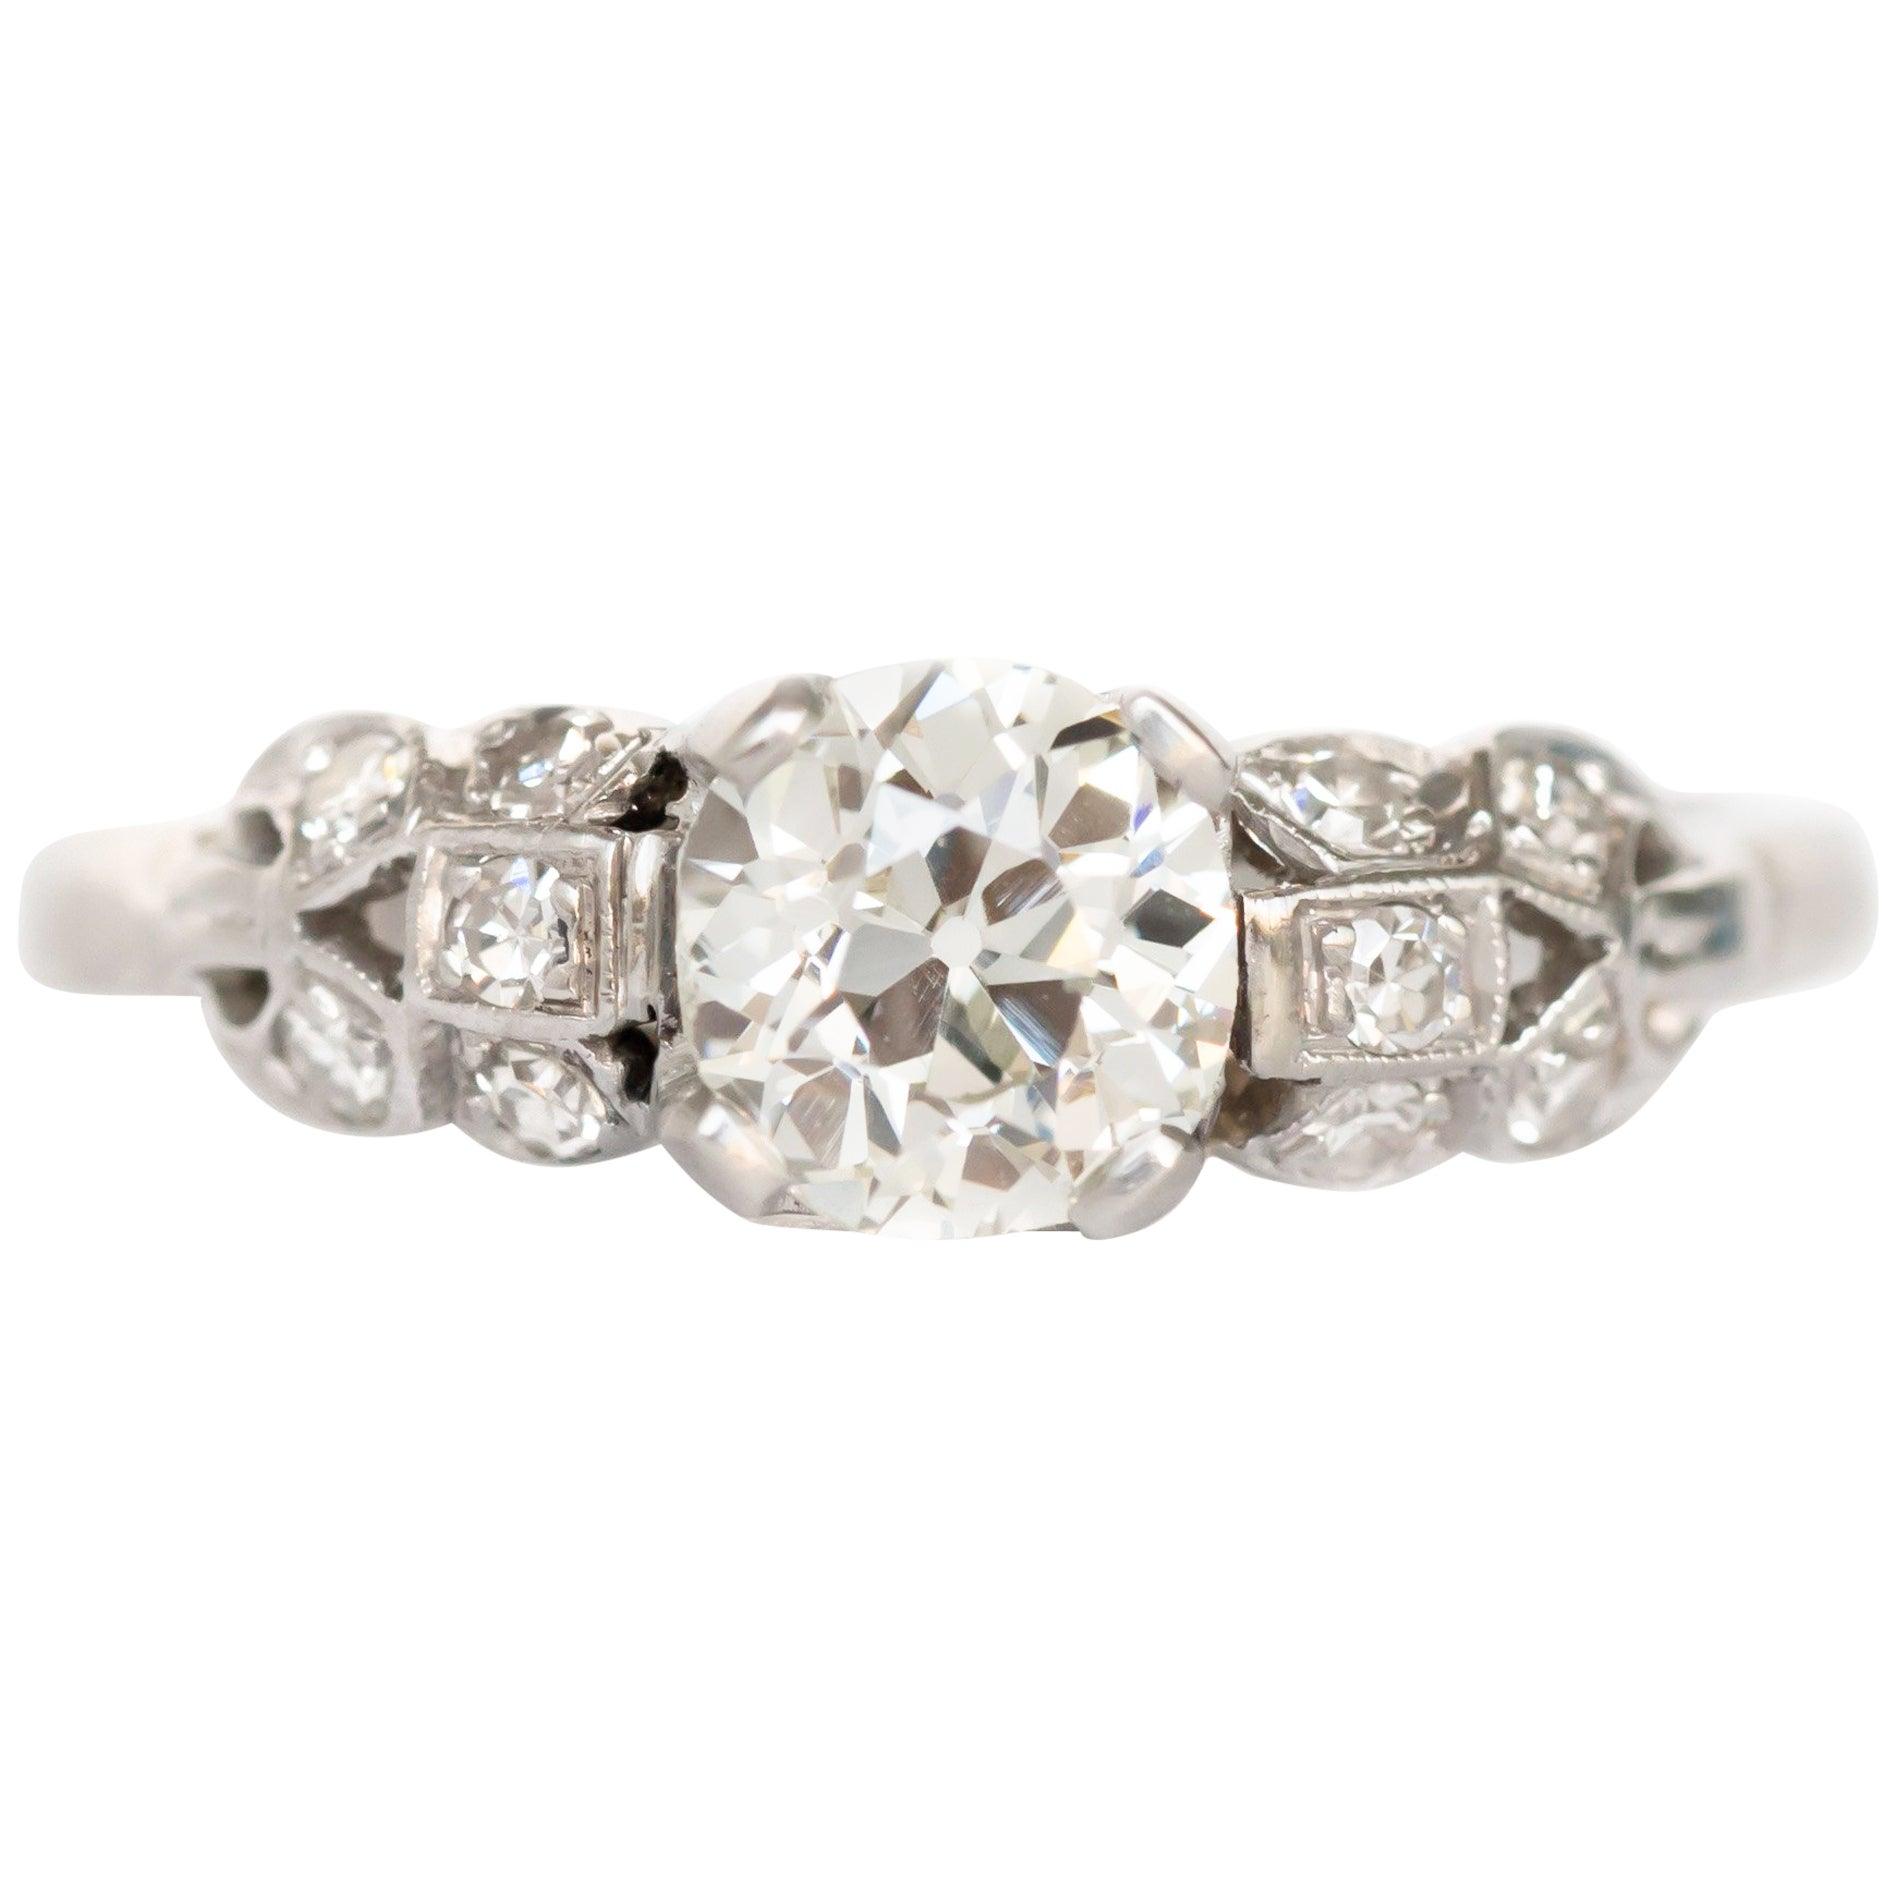 GIA Certified 0.90 Carat Diamond Platinum Engagement Ring